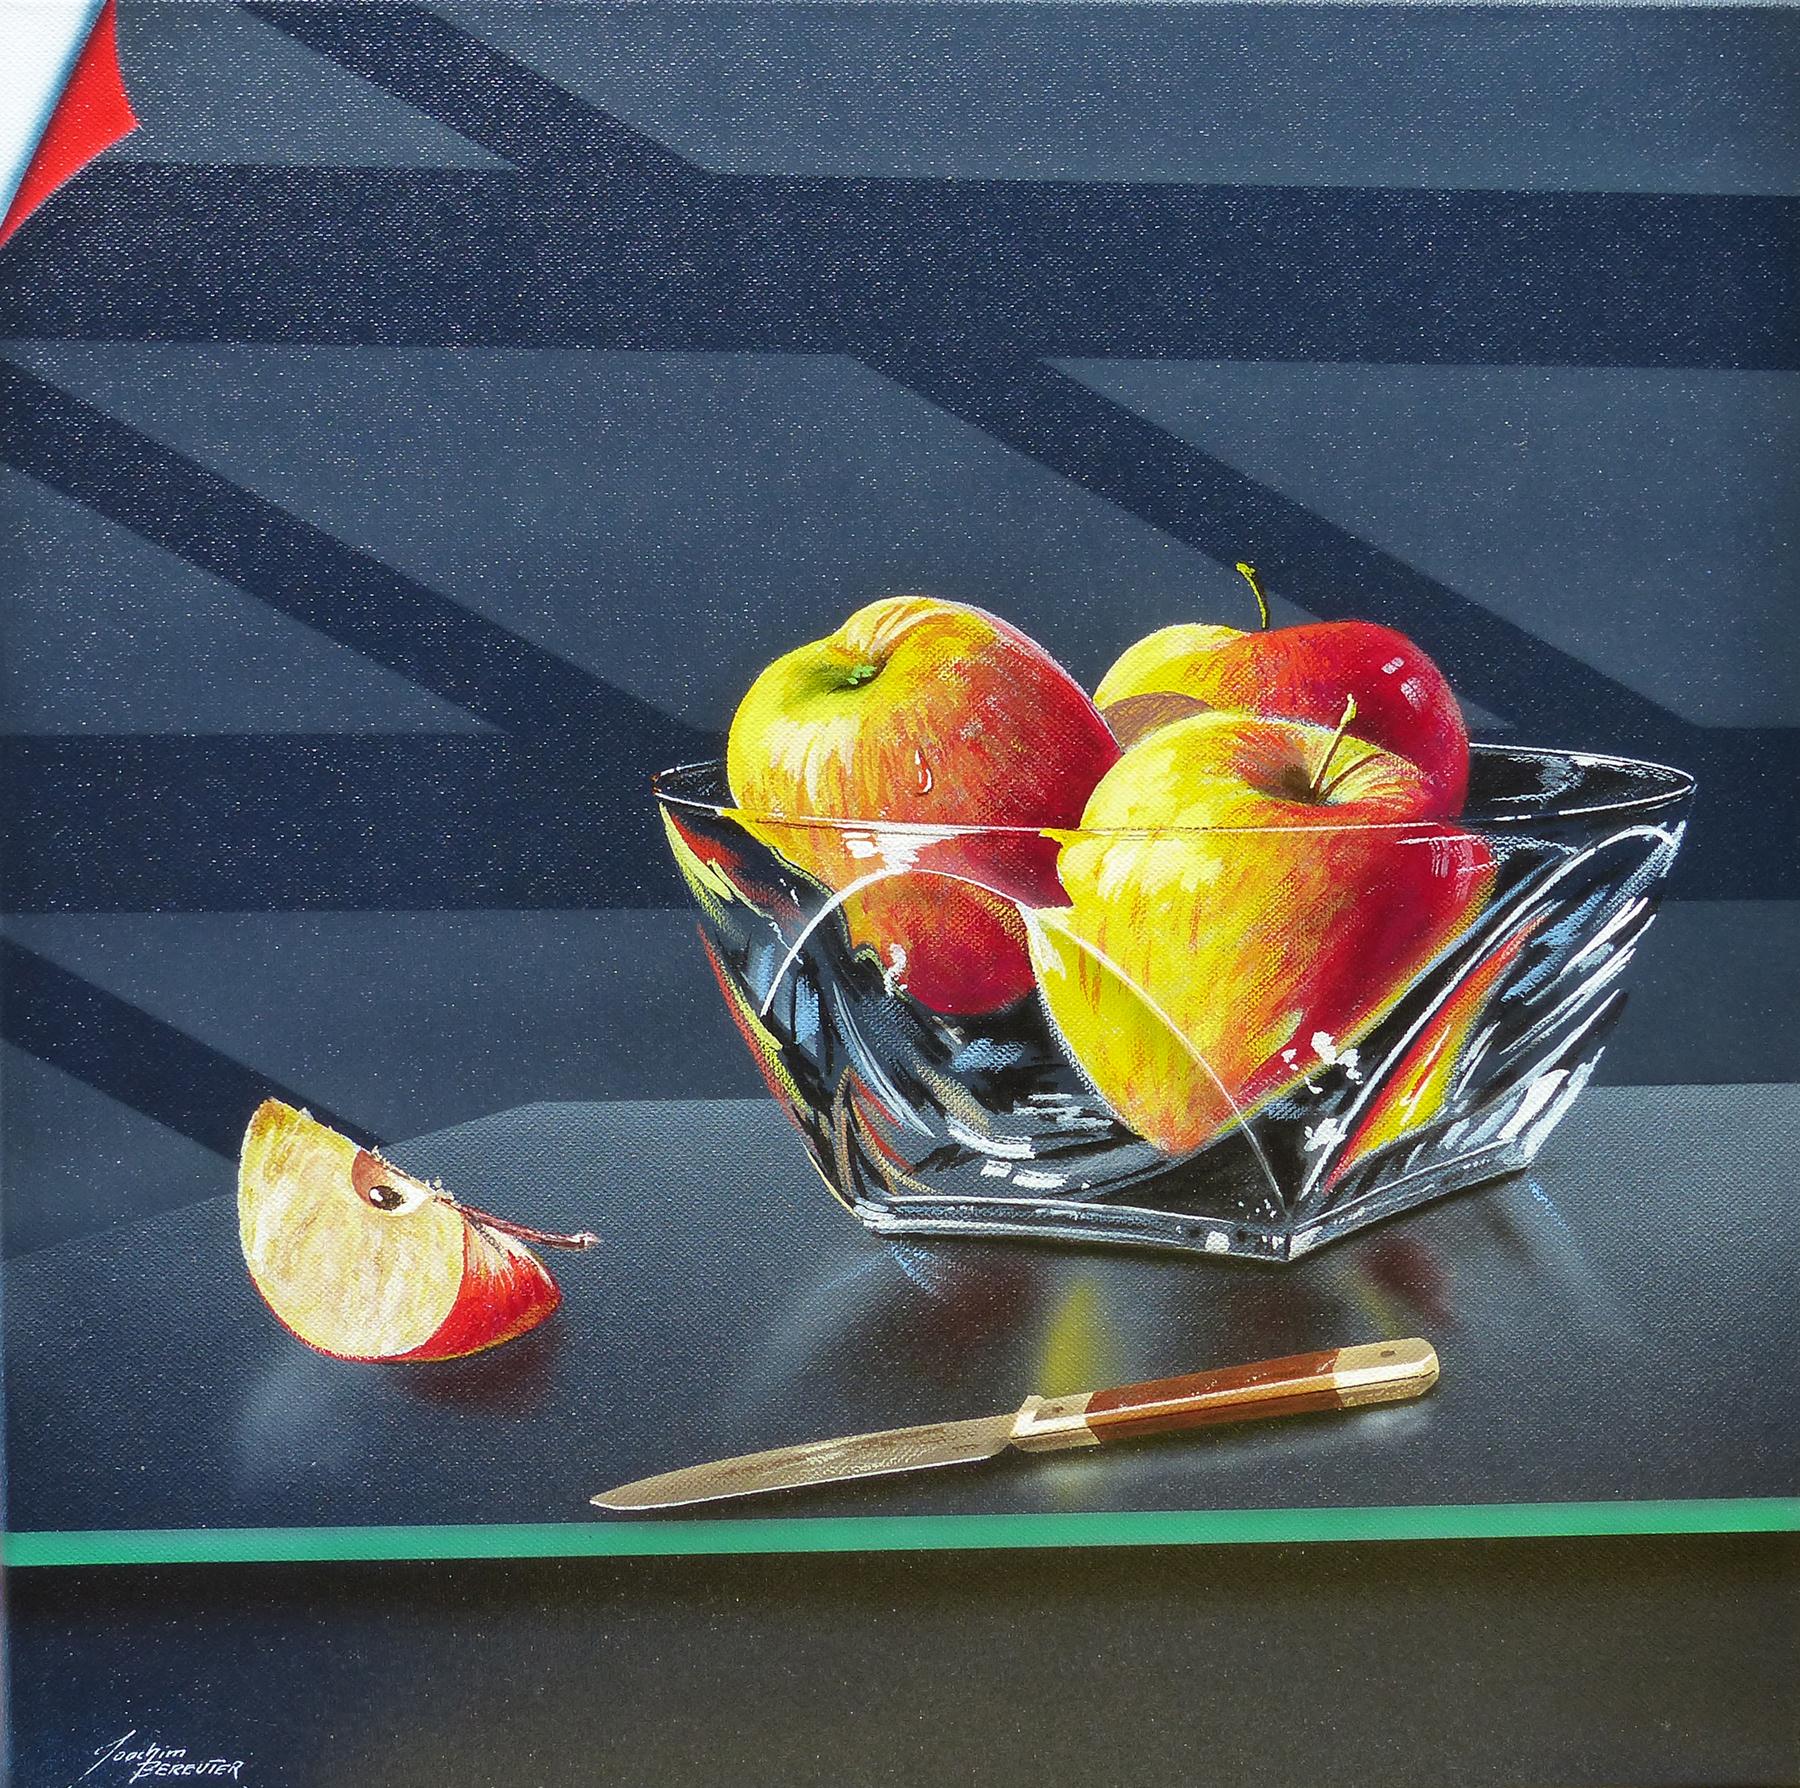 Glasschale mit Äpfeln